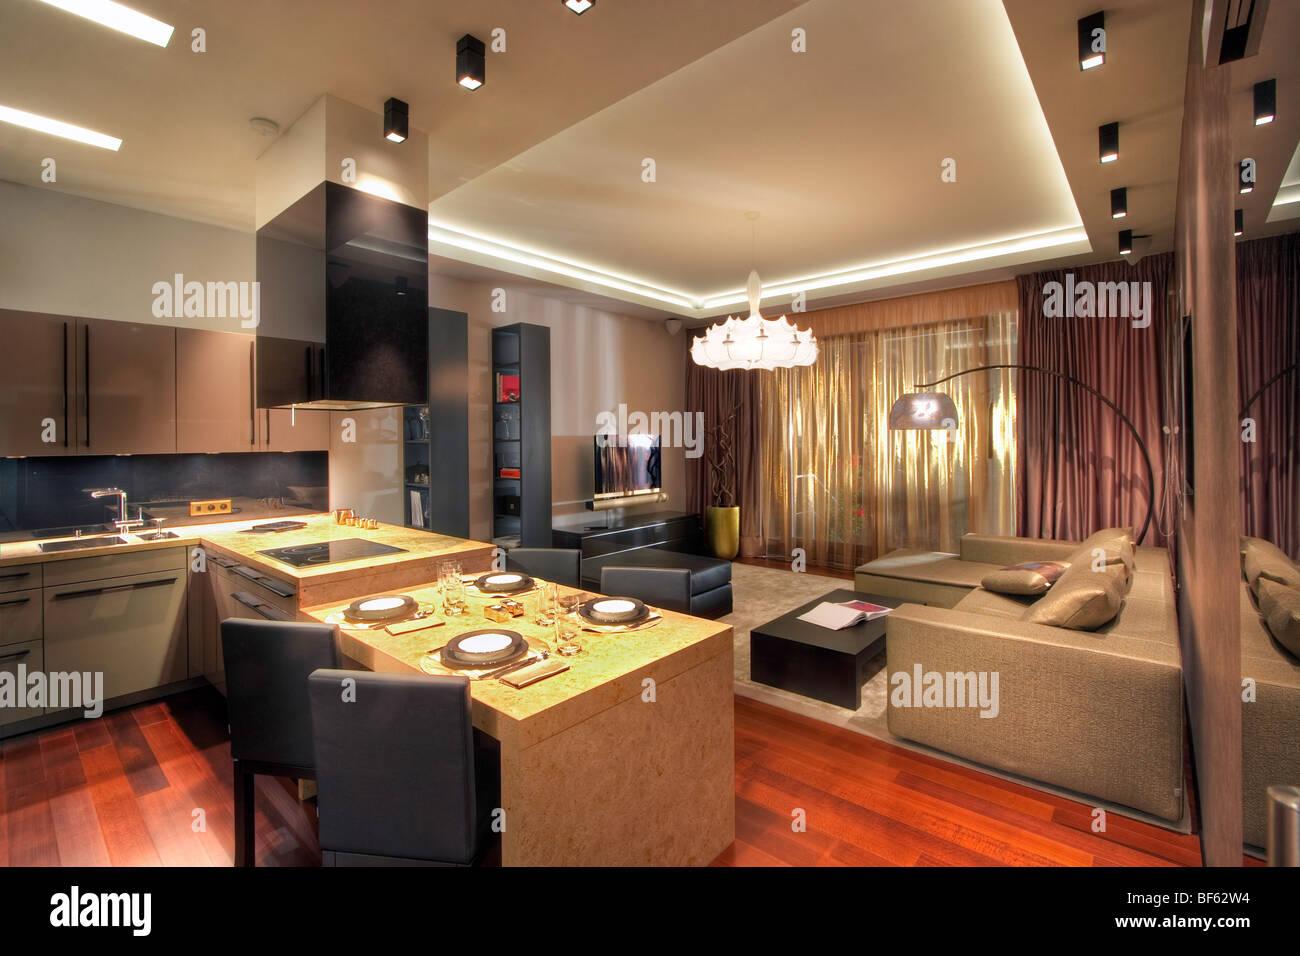 Moderne Küche und Wohnzimmer von Armani Stockfoto, Bild: 26564192 ...